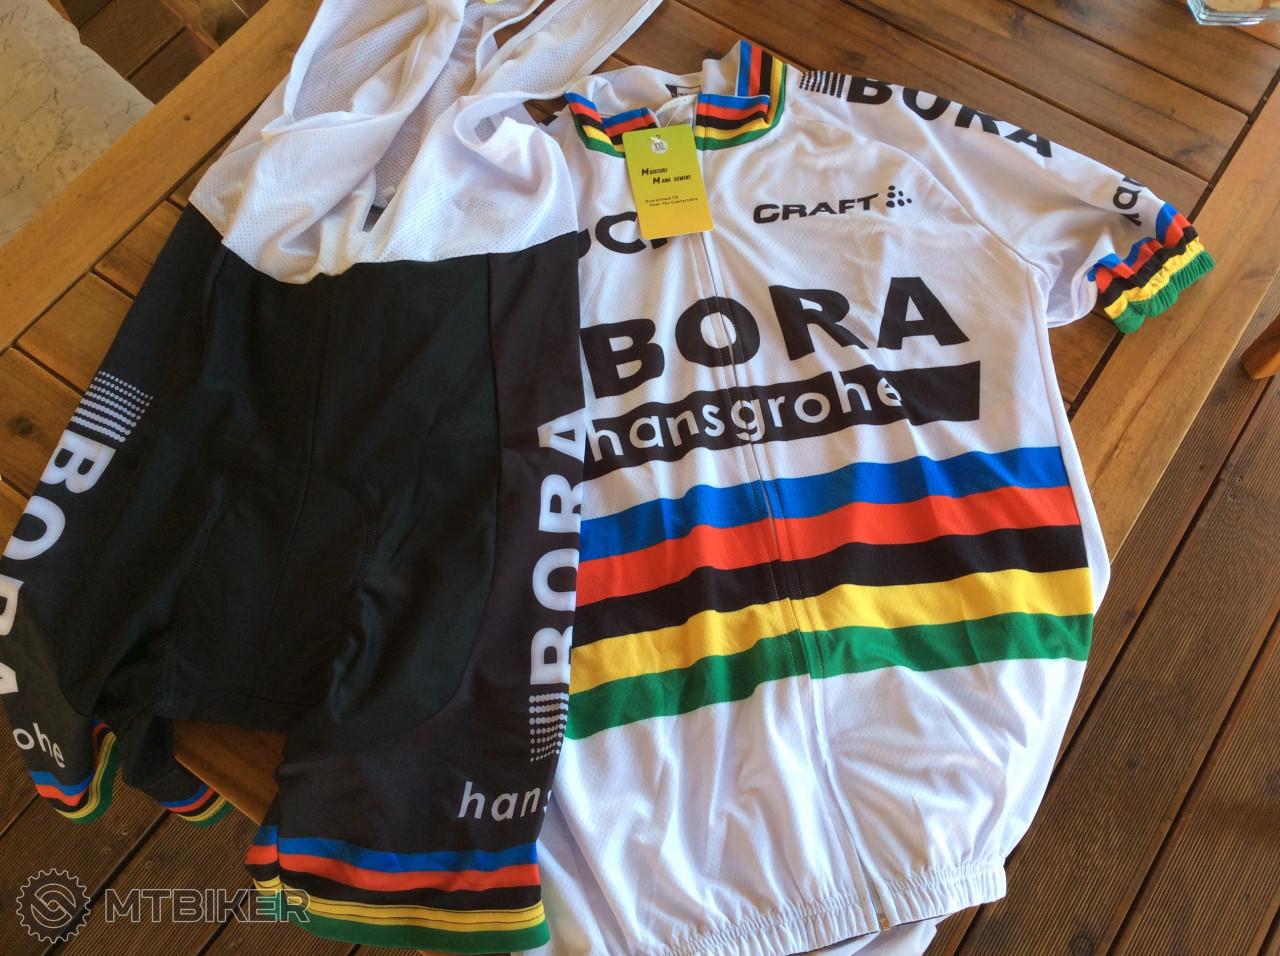 fe8943702 Nový Cyklistický Set Bora Hansgrohe Uci Dres+nohavice Xxl - Príslušenstvo -  Oblečenie a batohy - Bazár MTBIKER